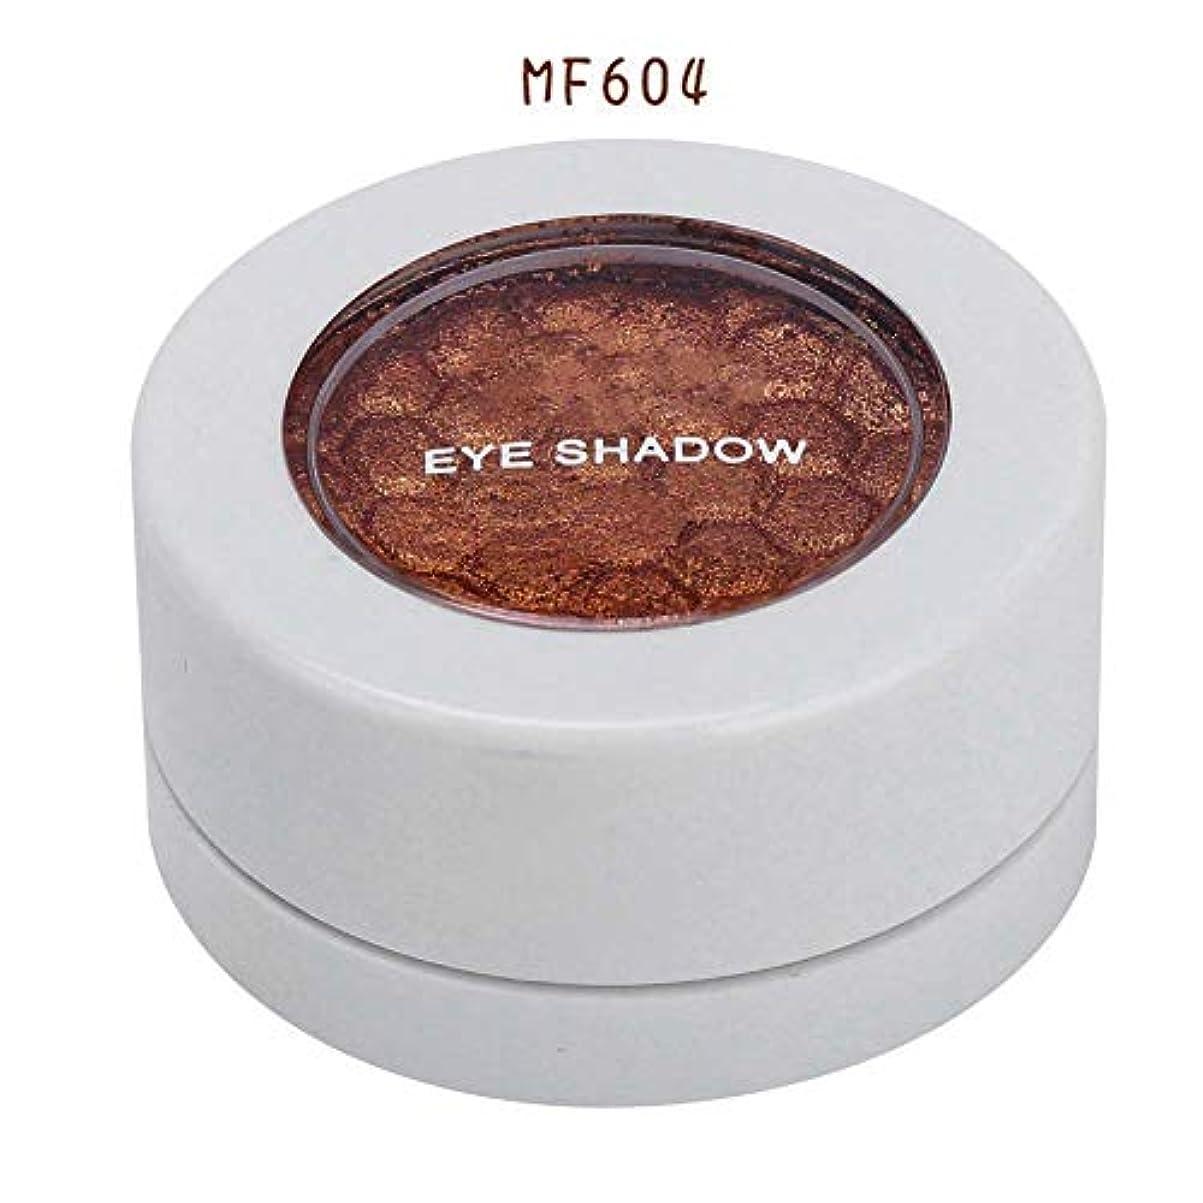 アリメッセージ暫定4色 アイシャドウパレット アイシャドウパレット 化粧品ツール 化粧マットグロス アイシャドウパウダー (MF604)